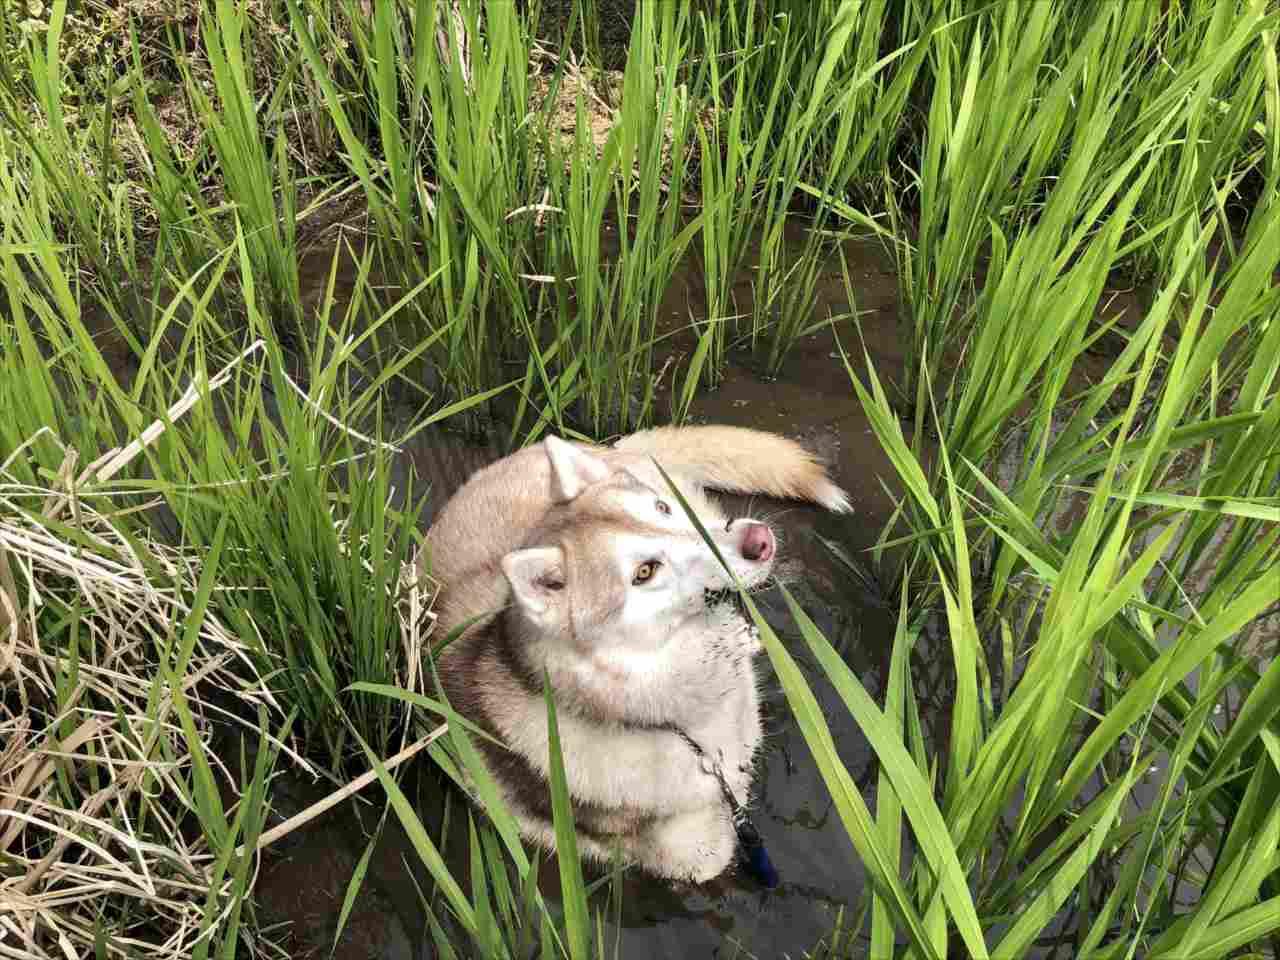 飼い主が目をはなした隙に逃走し泥まみれに・・・出てきた姿が『シベリアンタヌキー』だった(笑)